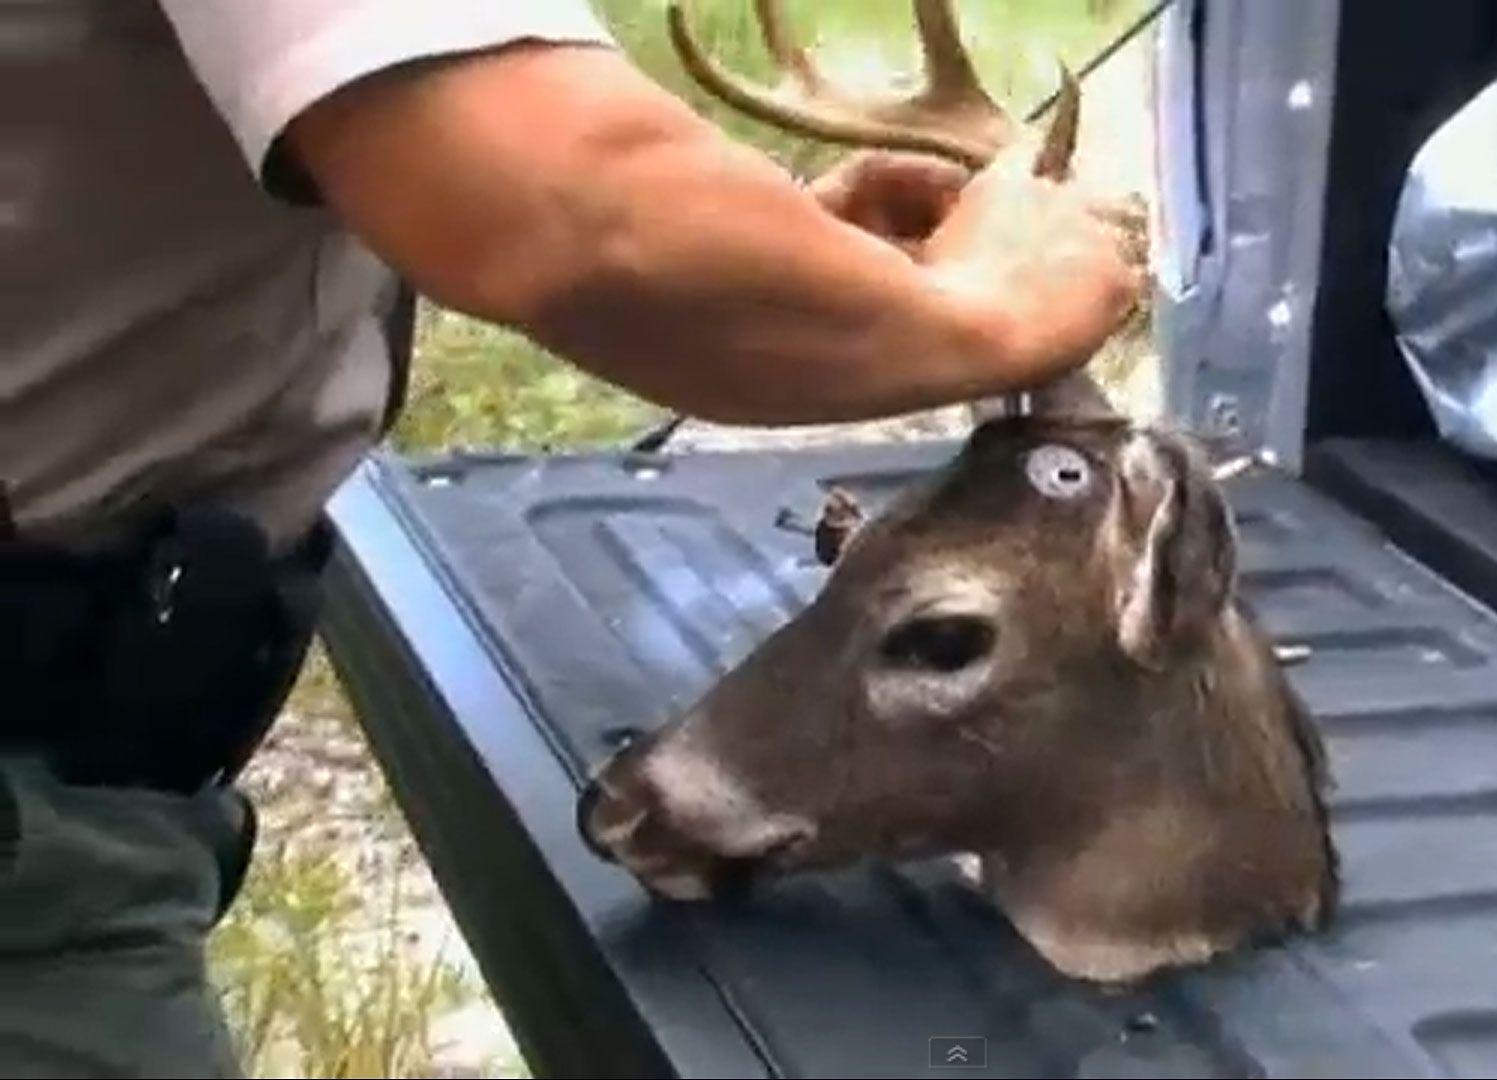 «ROBO-BAMBI»: Hjortene styres ved hjelp av en fjernkontroll som skal gi roboten mer «levende» bevegelser.Foto: Skjermdump, YouTube